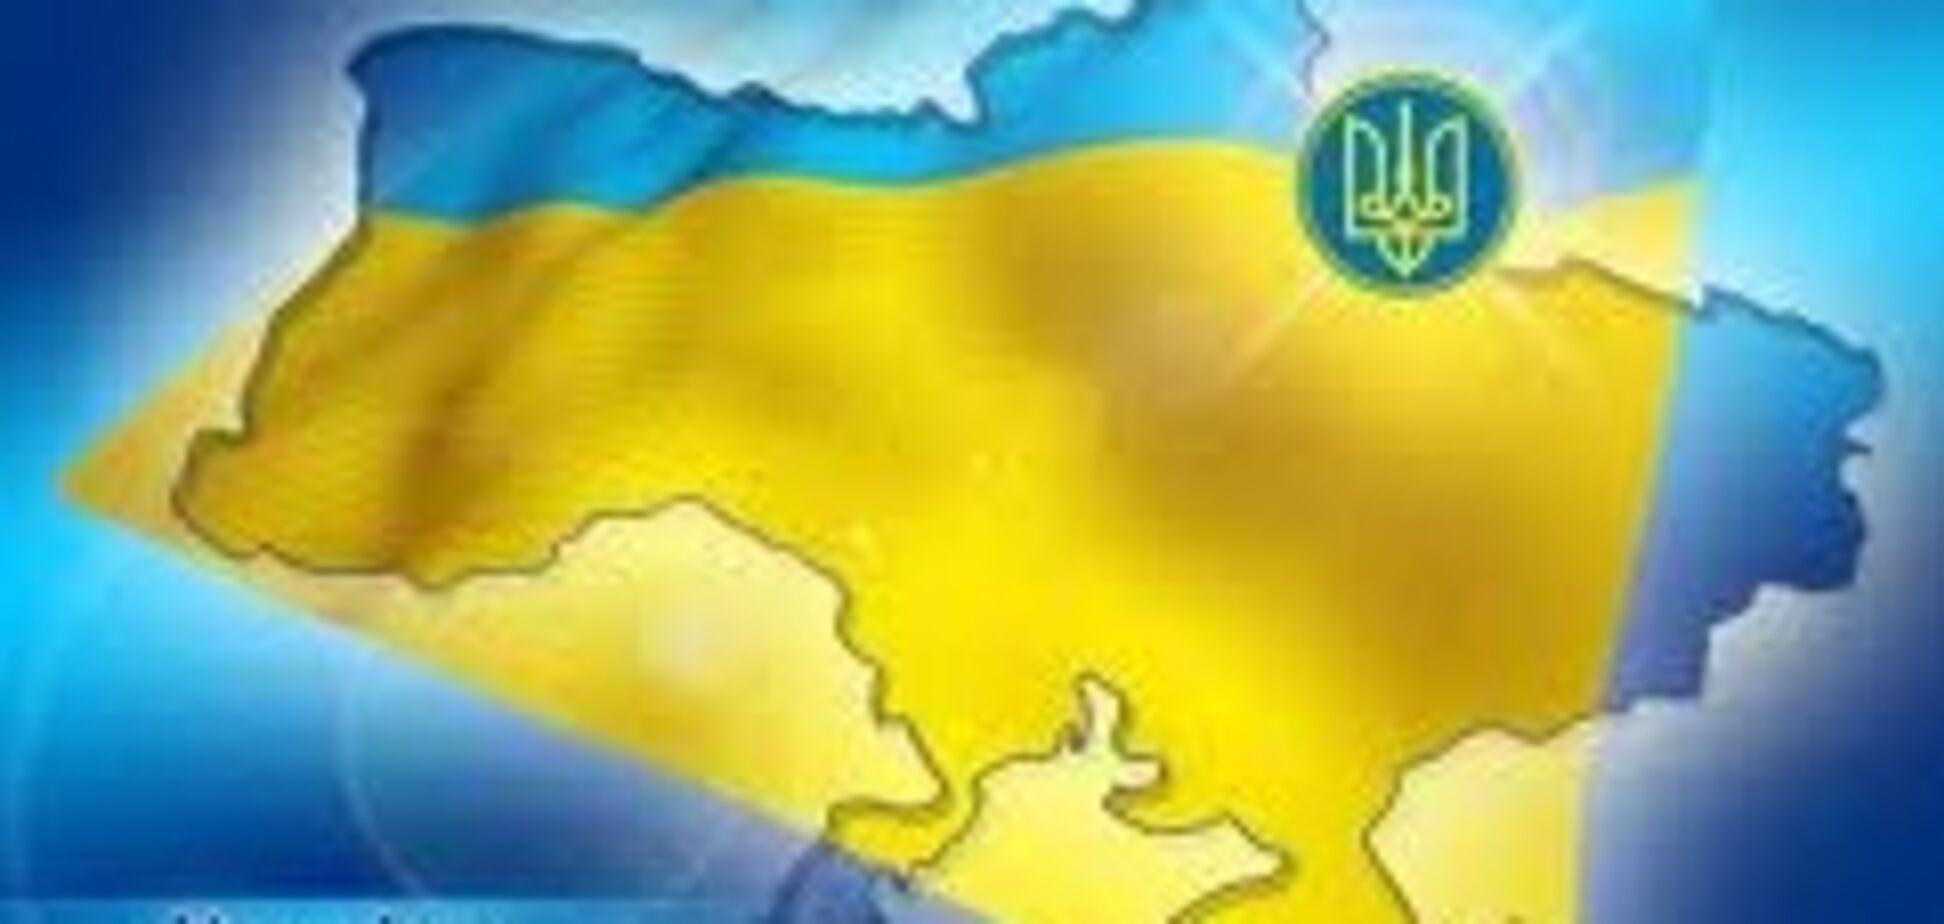 Гімн України буде змінений